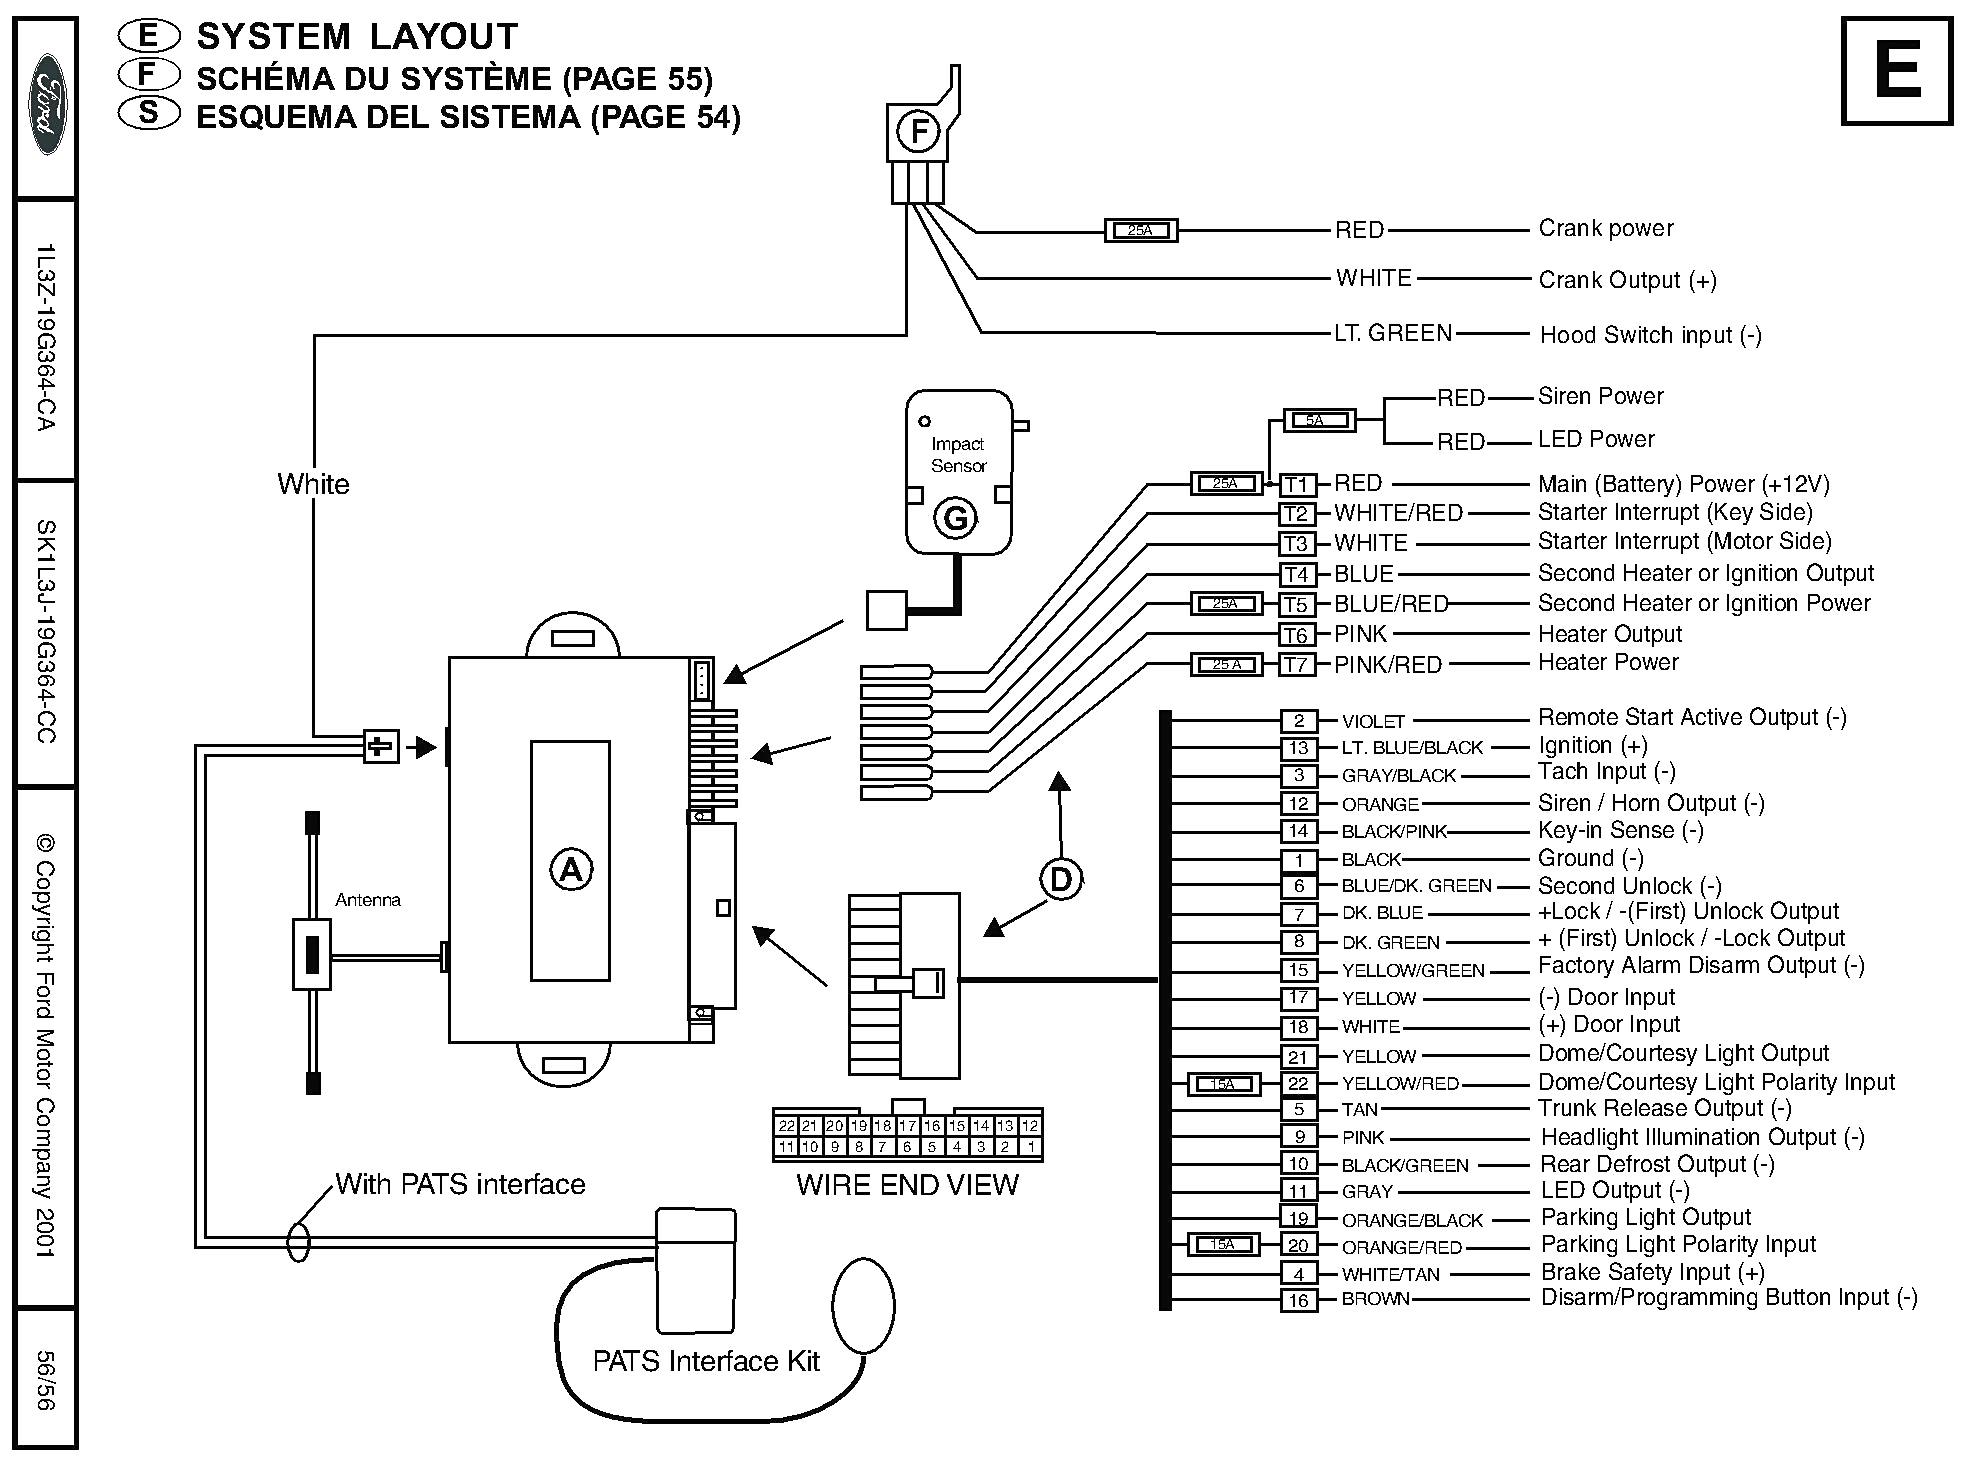 renault remote starter diagram wiring diagram operations daihatsu remote starter diagram wiring diagram sheet renault remote